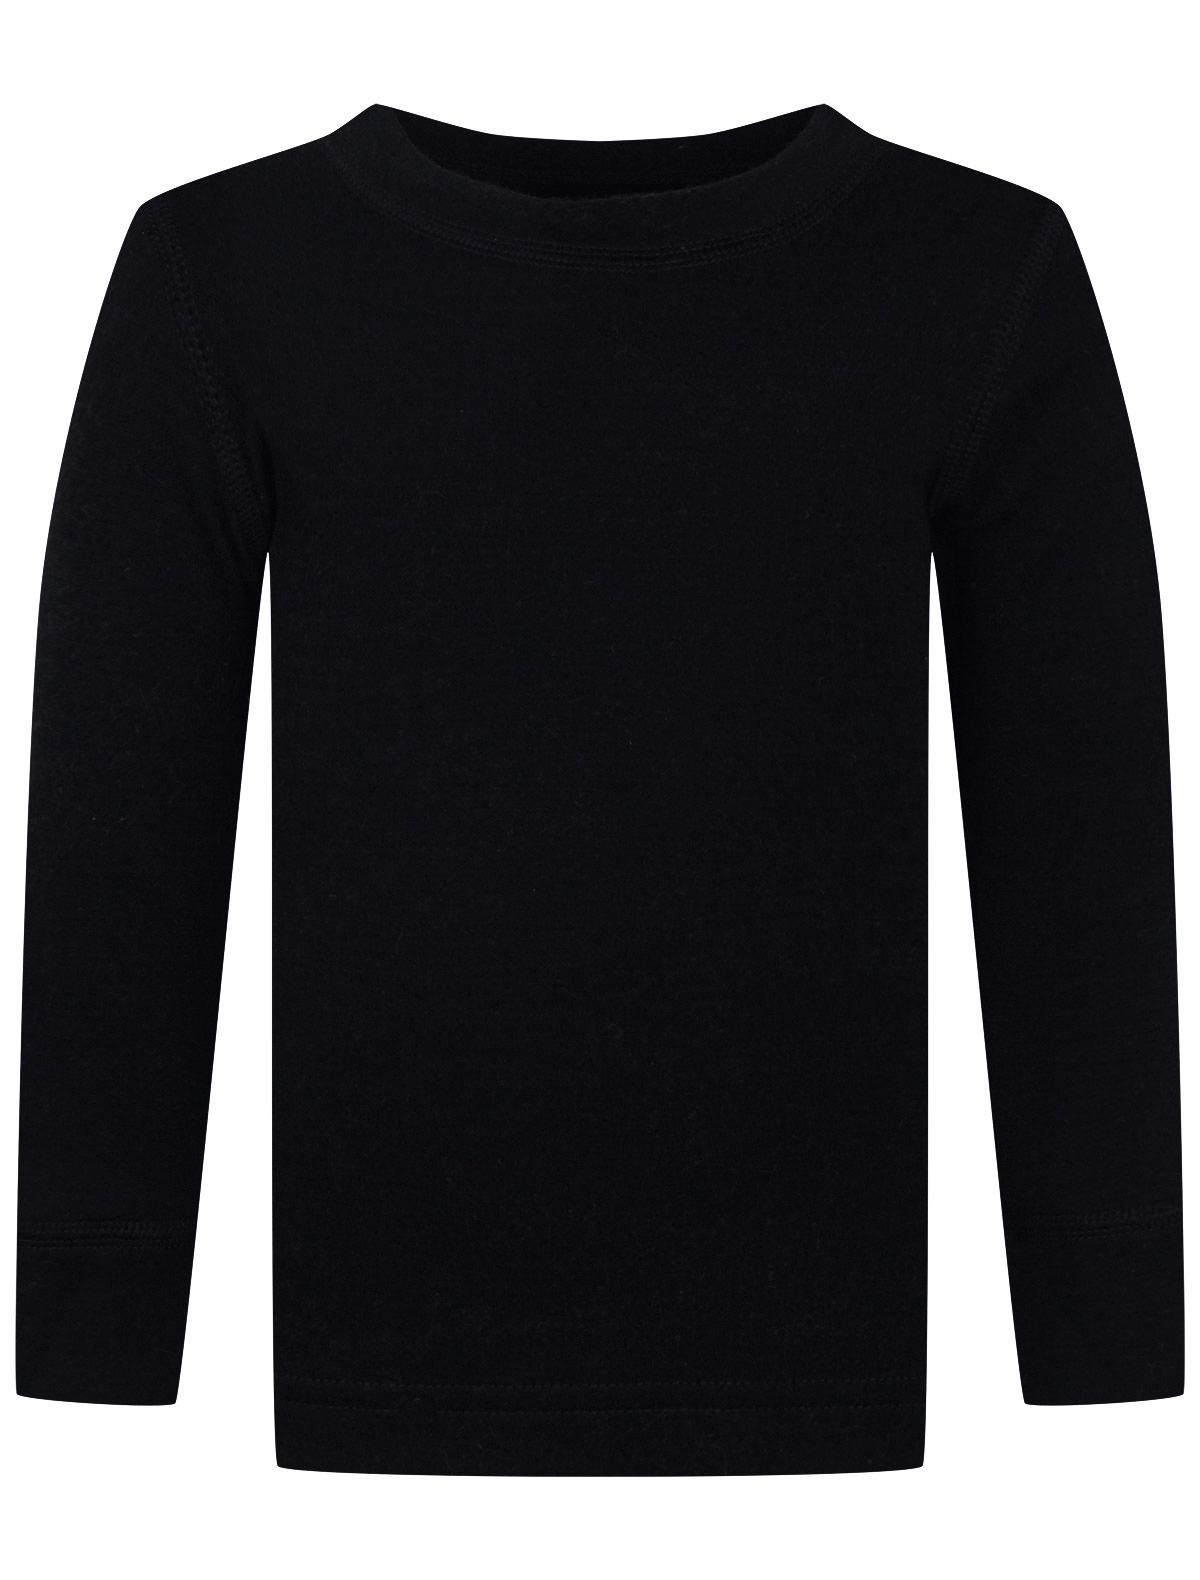 Купить 2249471, Термобелье Air wool, черный, 1724529080150